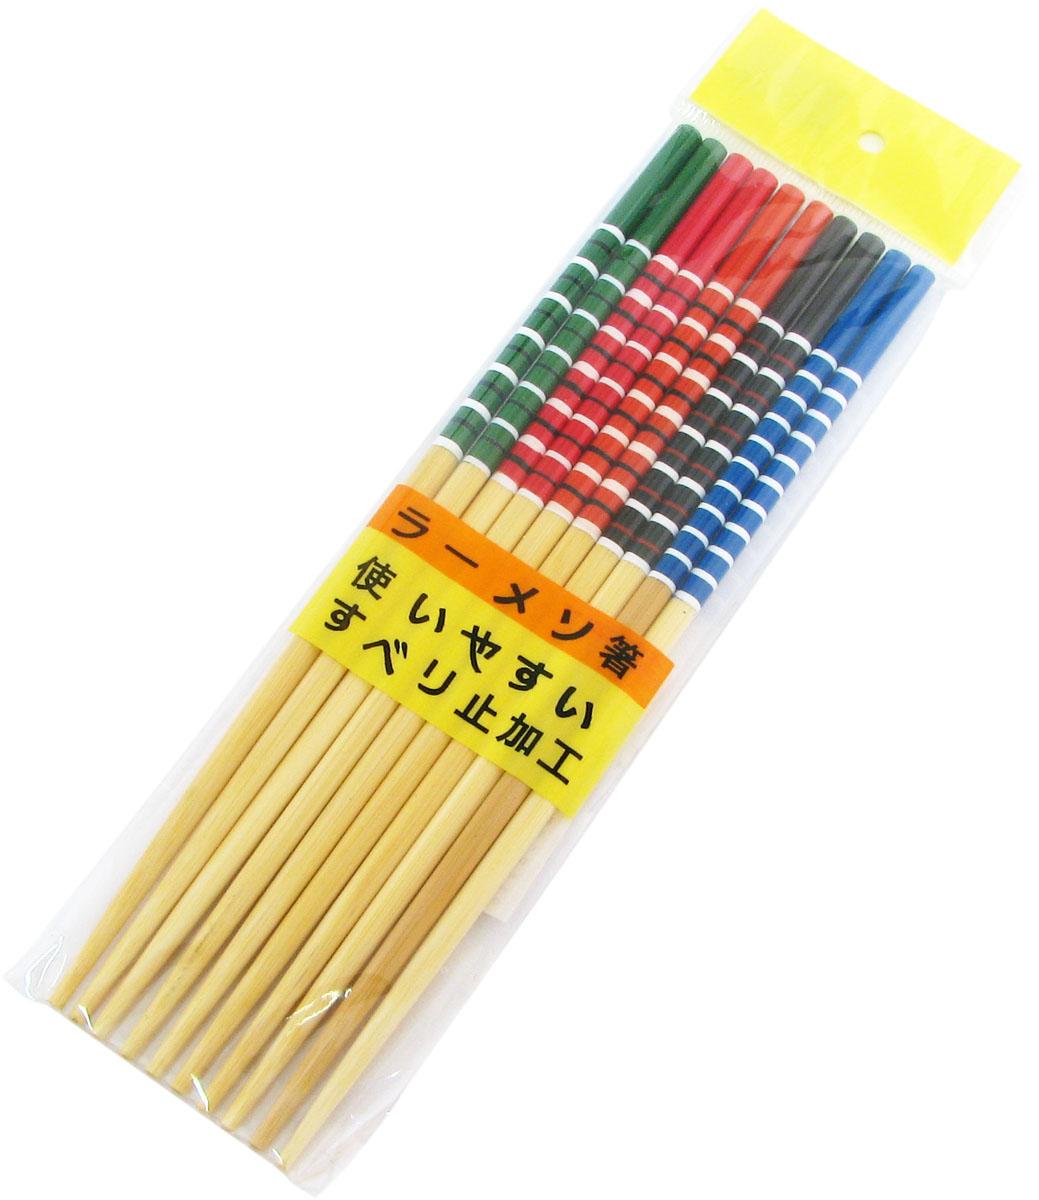 Палочки бамбуковые, цвет: бежевый, 10 шт набор для кухни pasta grande 1126804